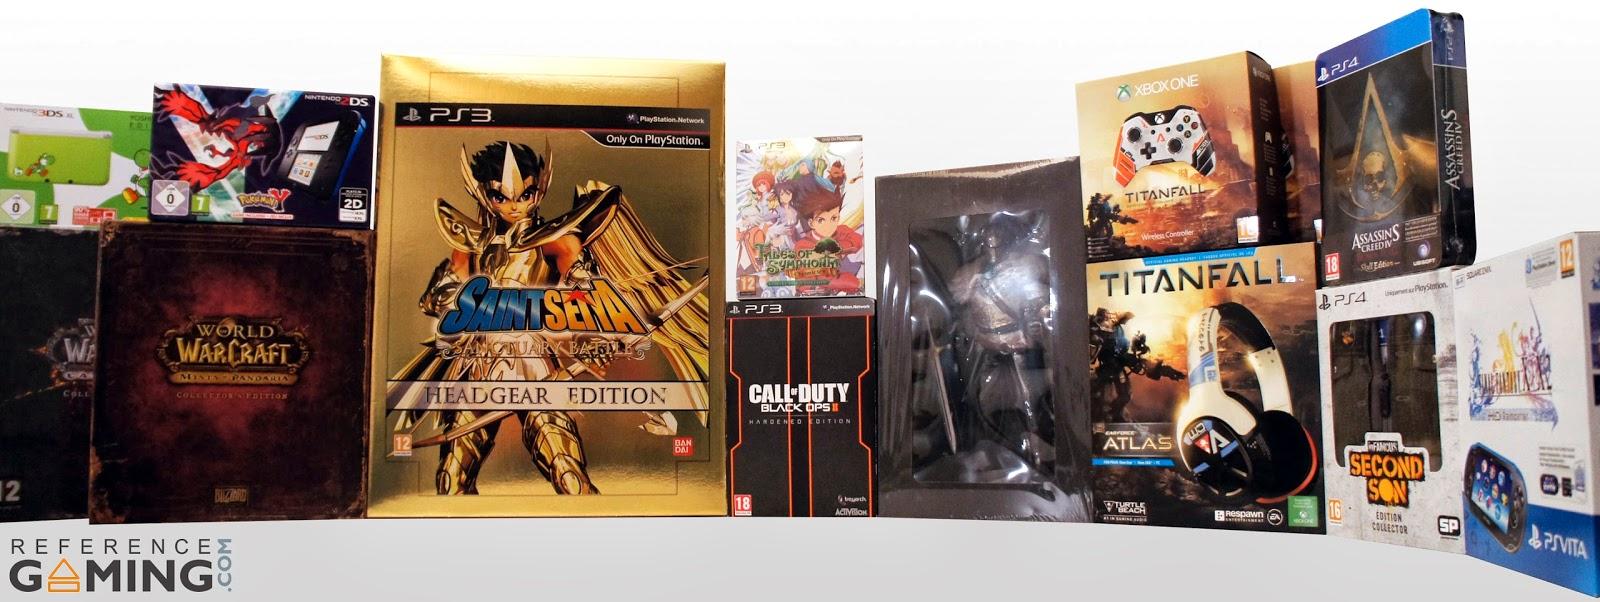 Photos de jeux vidéo, accessoires et consoles éditions limitées.